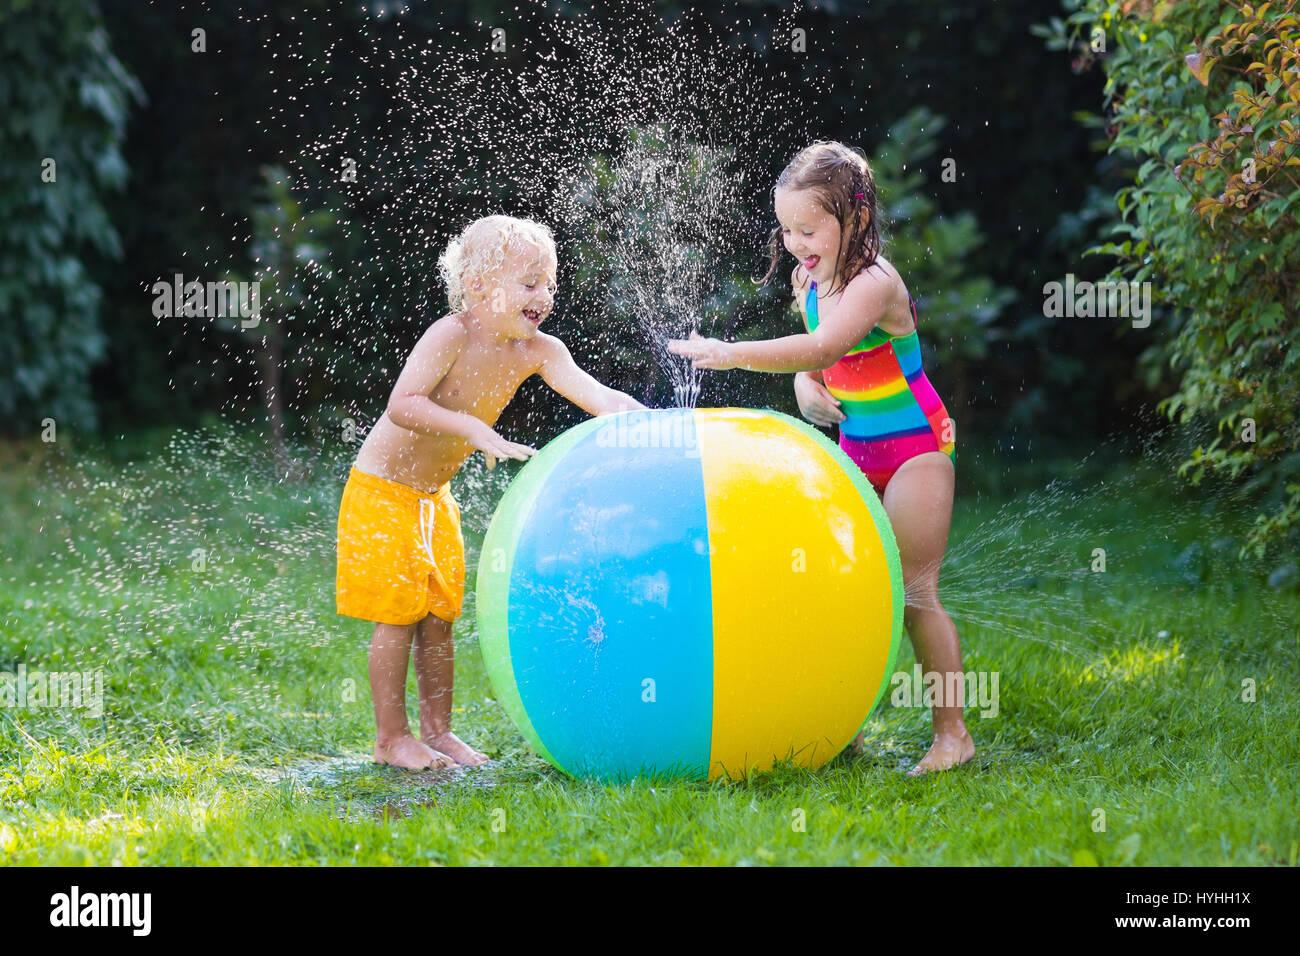 Bambino Che Gioca Con La Palla Giocattolo Giardino